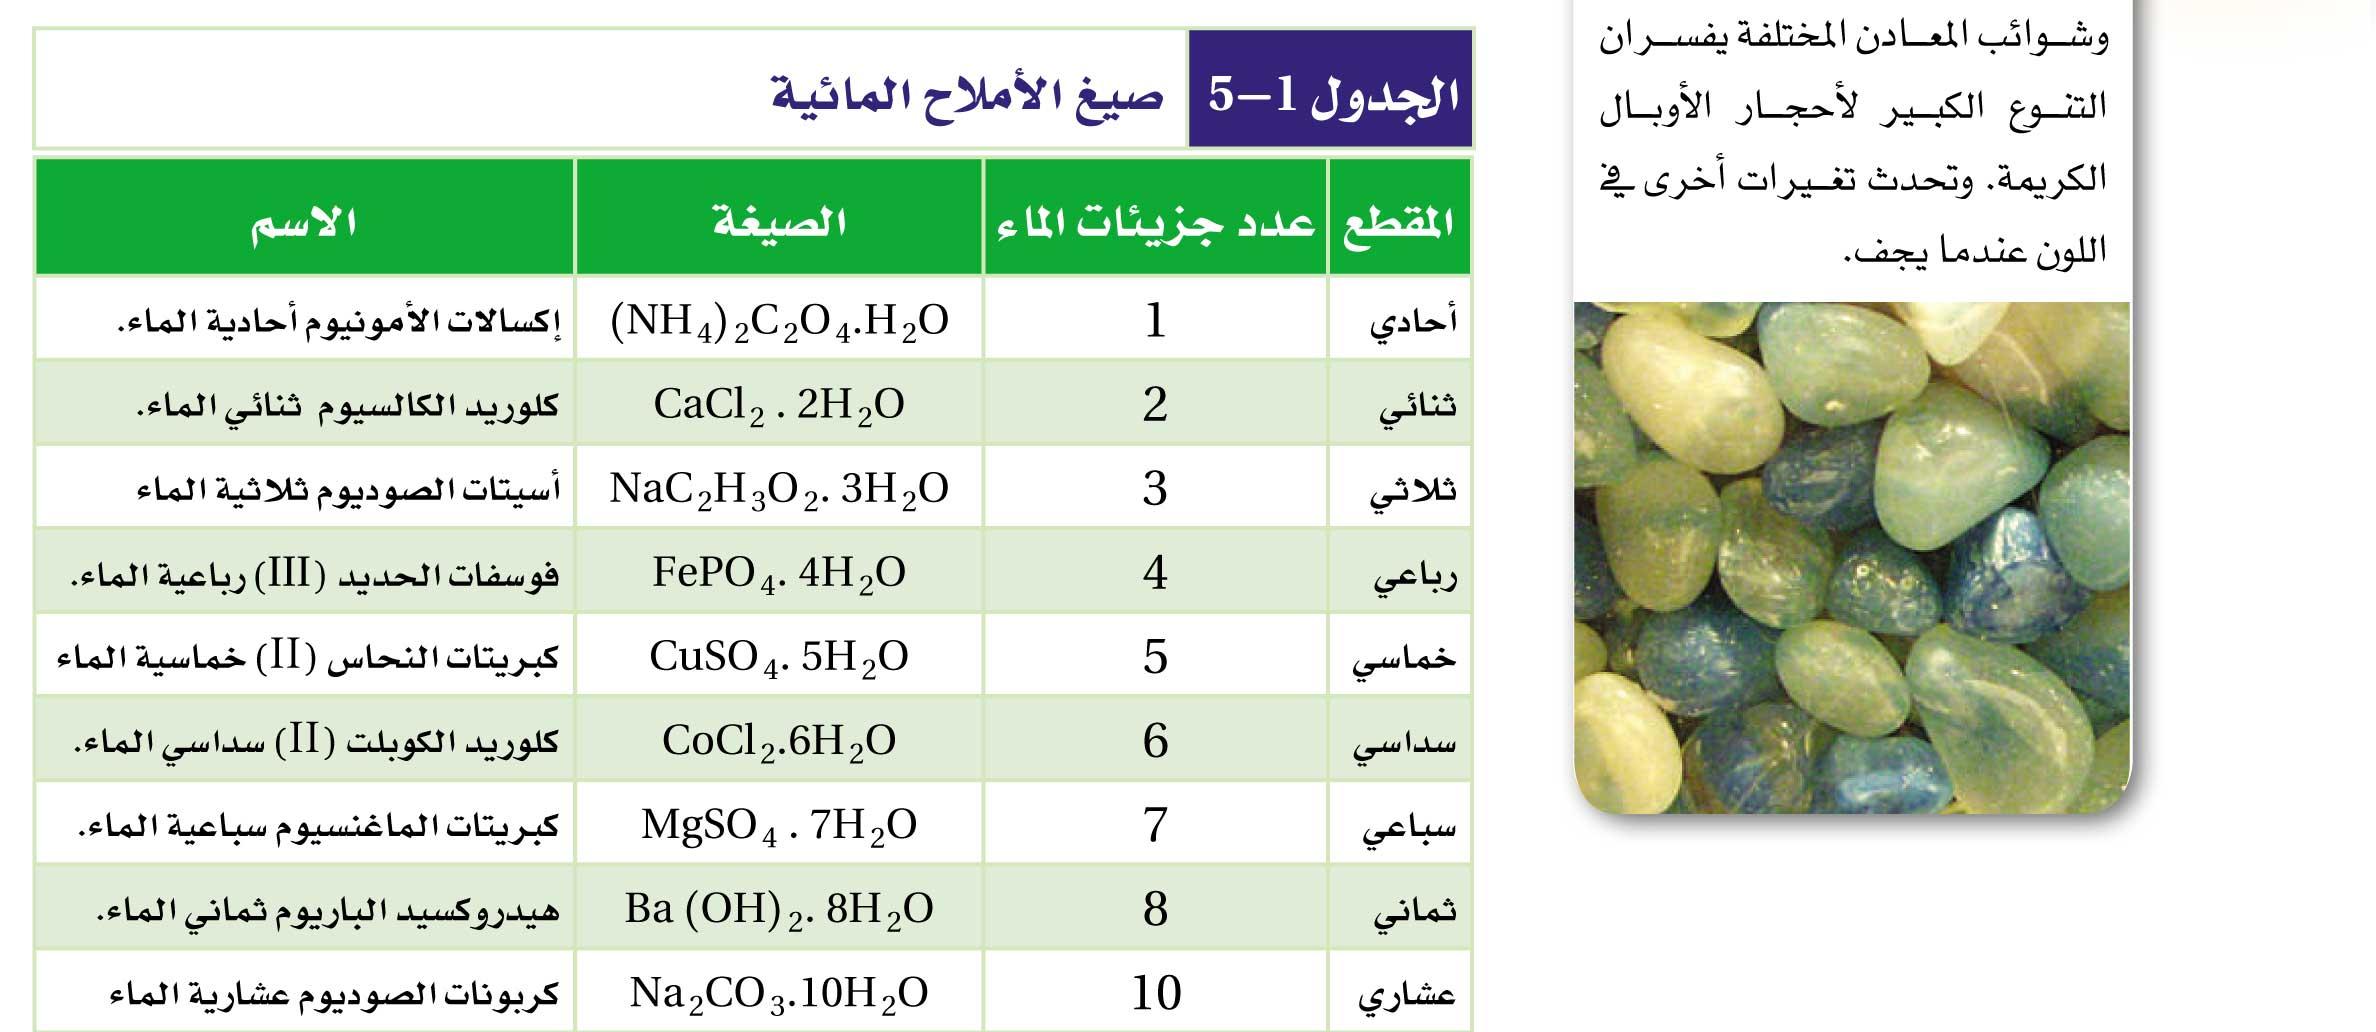 الجدول 1-5 صيغ الملاح المائية